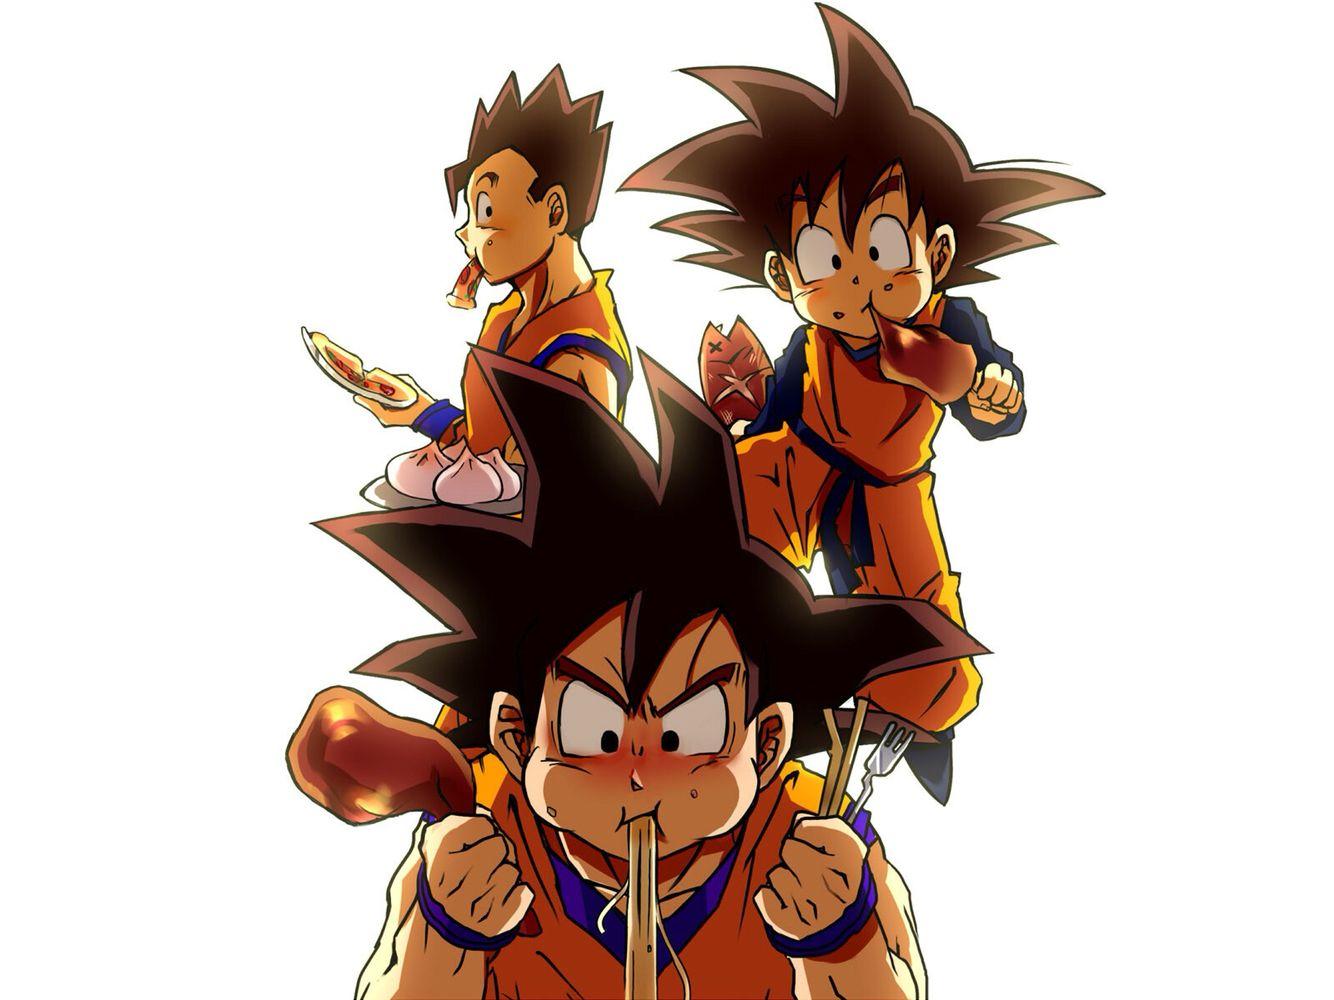 Son Goku Son Gohan Son Goten Anime Dragon Ball Dragon Ball Super Manga Dragon Ball Wallpapers